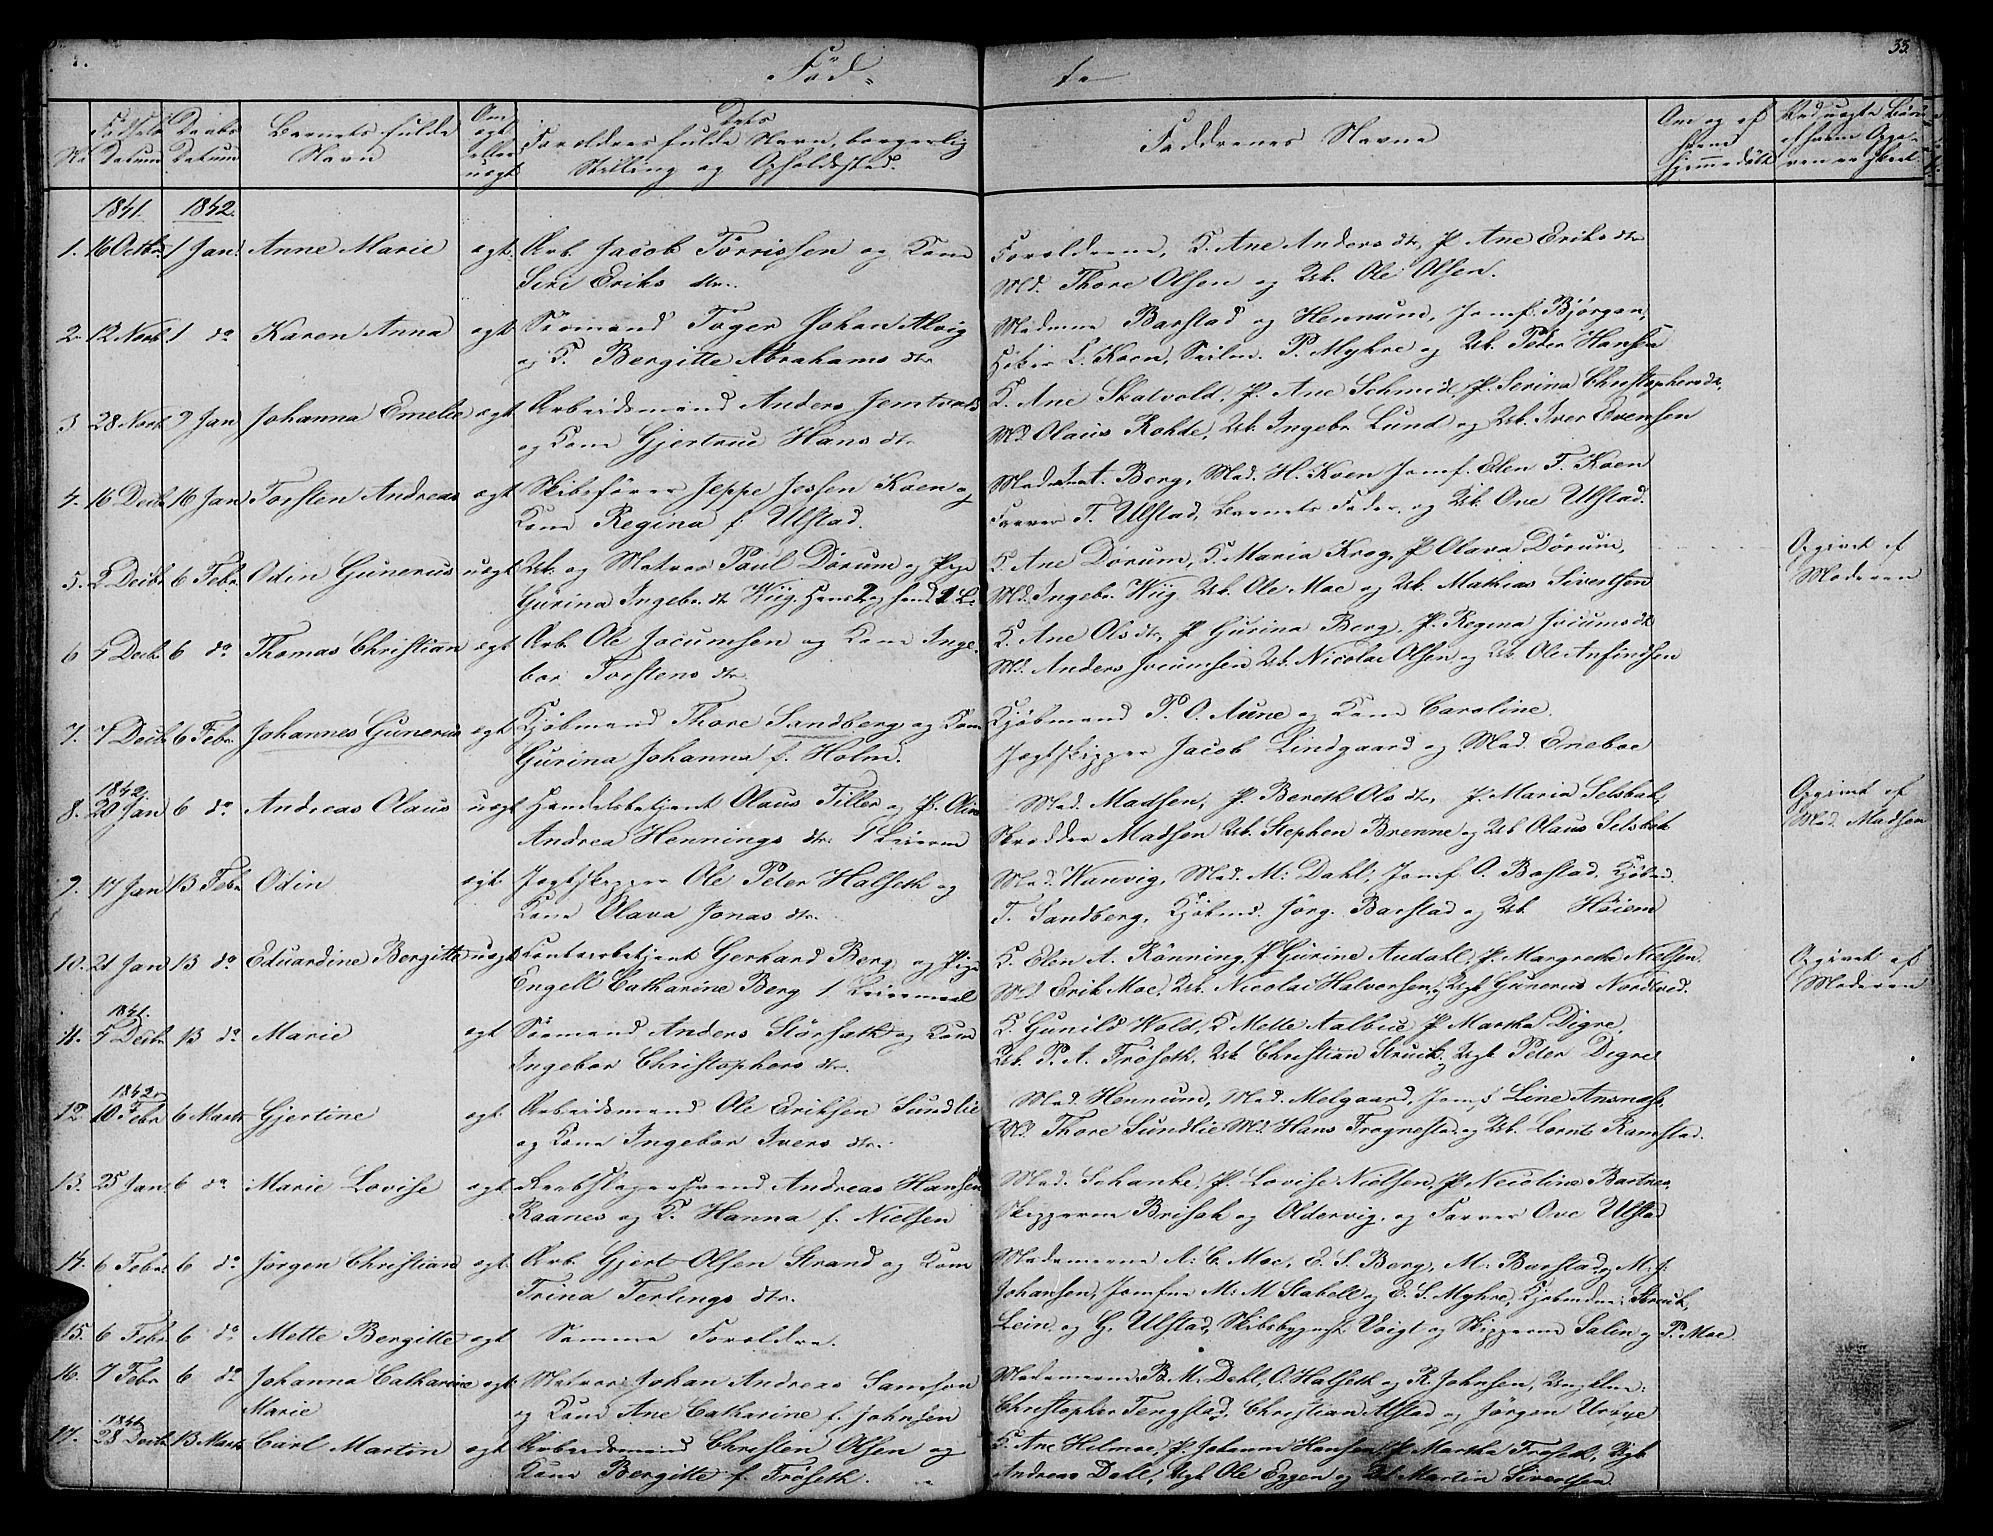 SAT, Ministerialprotokoller, klokkerbøker og fødselsregistre - Sør-Trøndelag, 604/L0182: Ministerialbok nr. 604A03, 1818-1850, s. 33